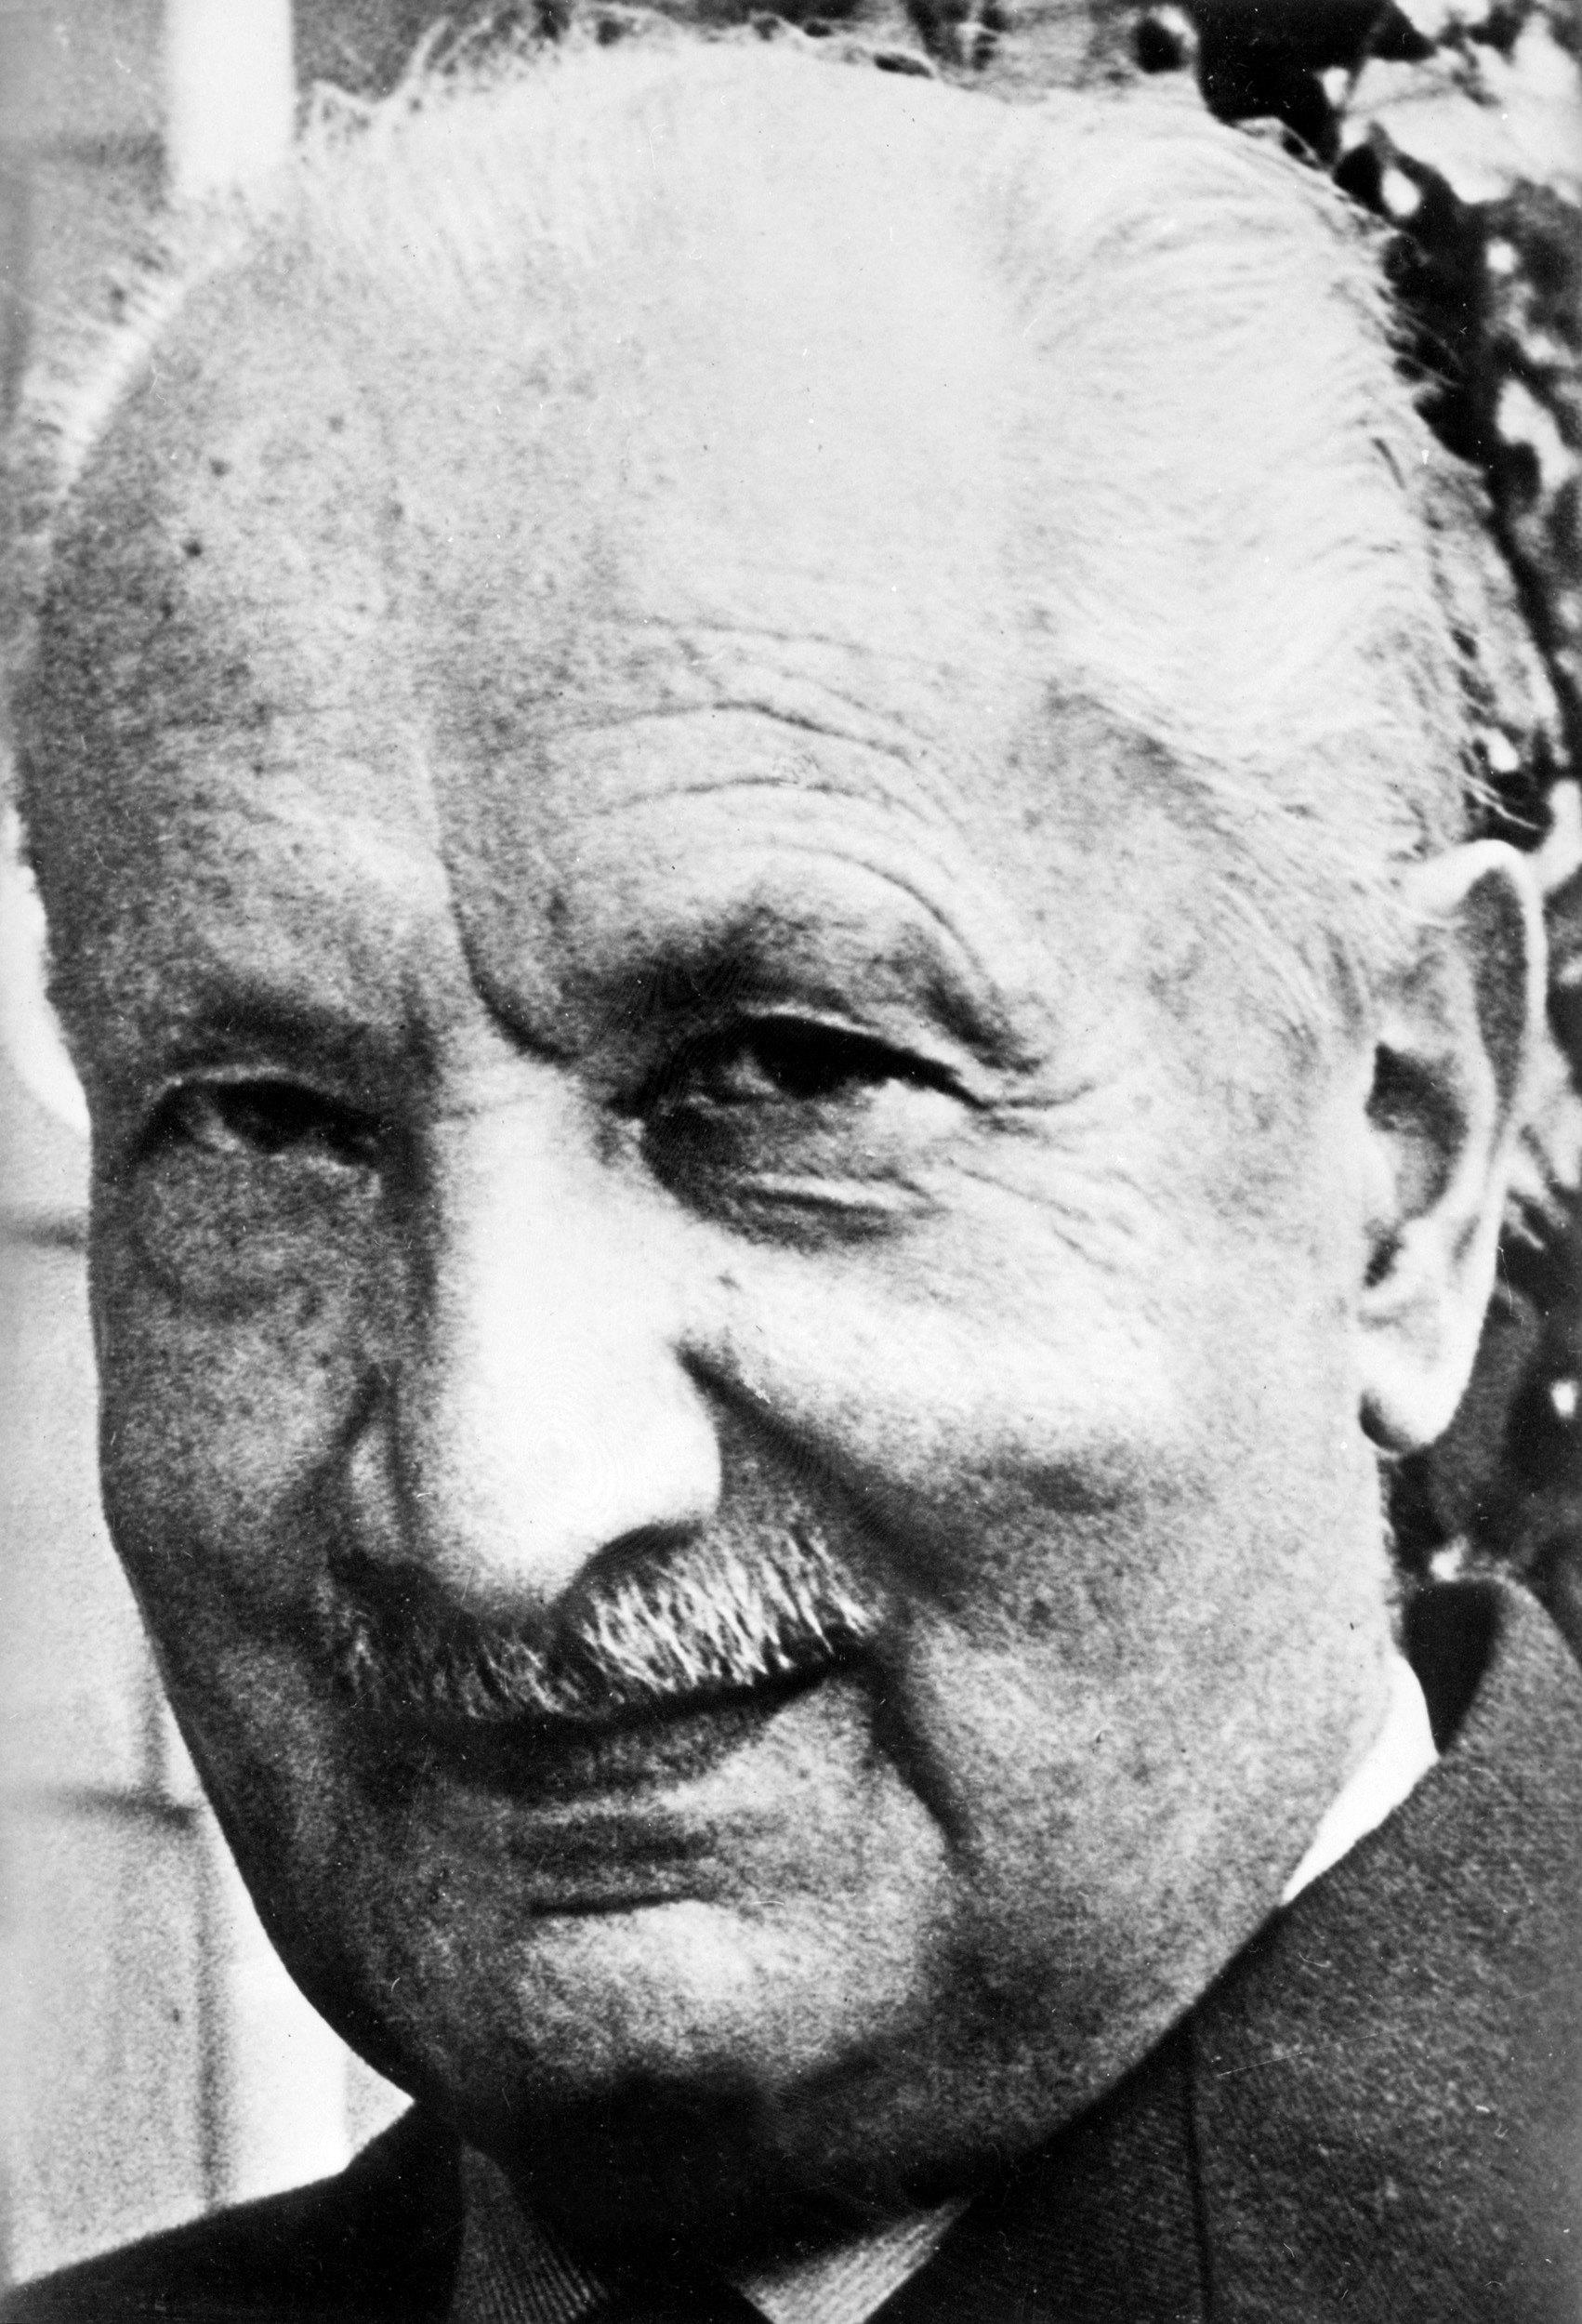 Philosoph Martin Heidegger